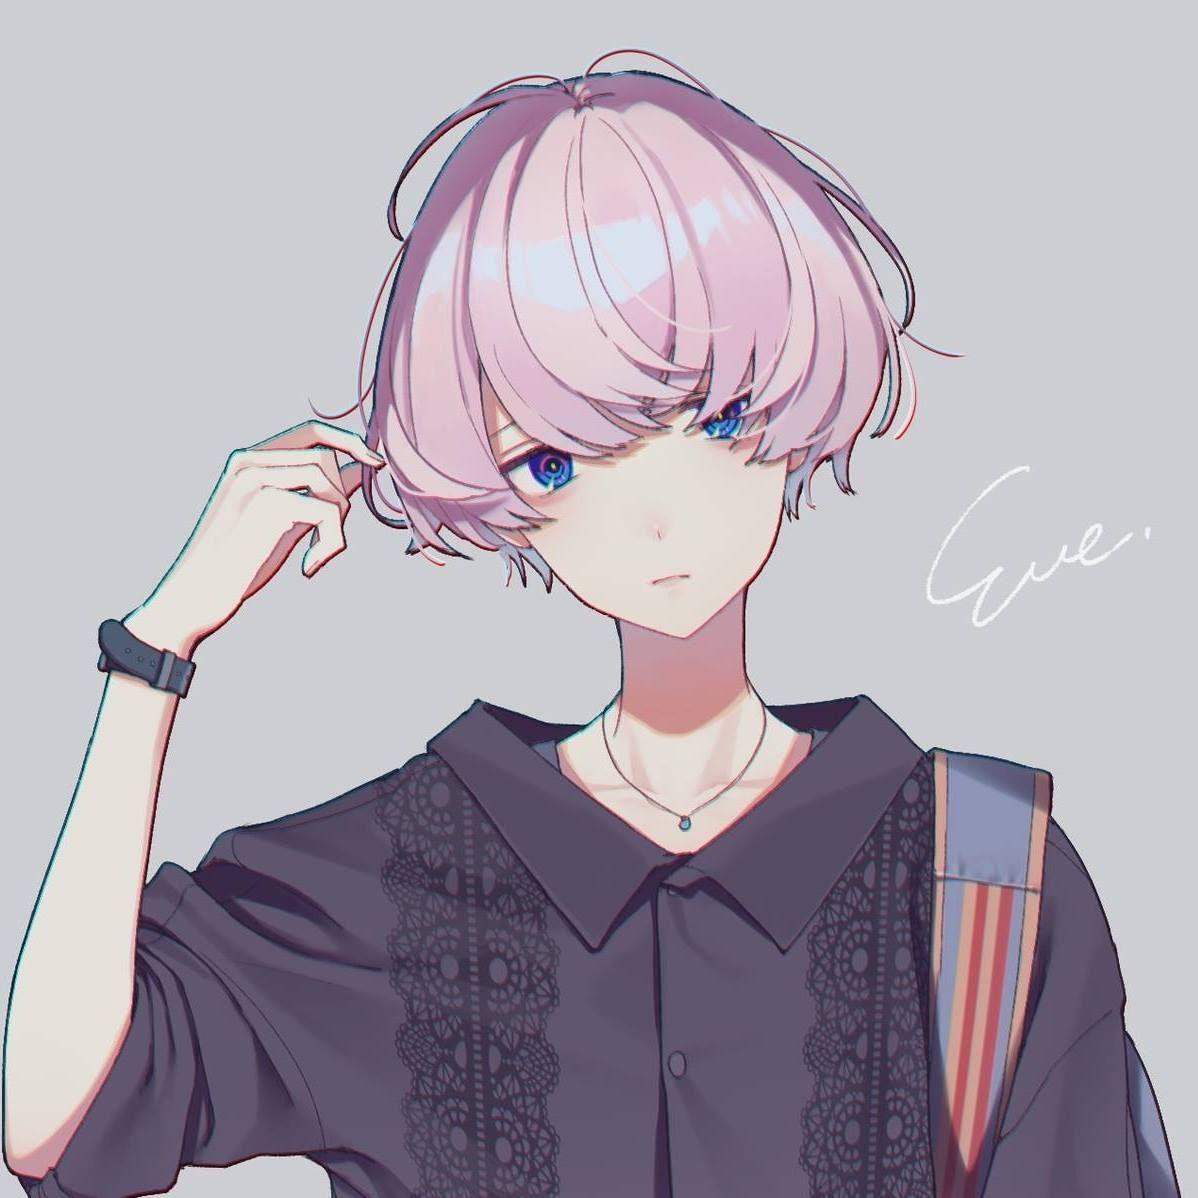 Ghim của Collector trên Boys Anime, Drawing, Hình ảnh